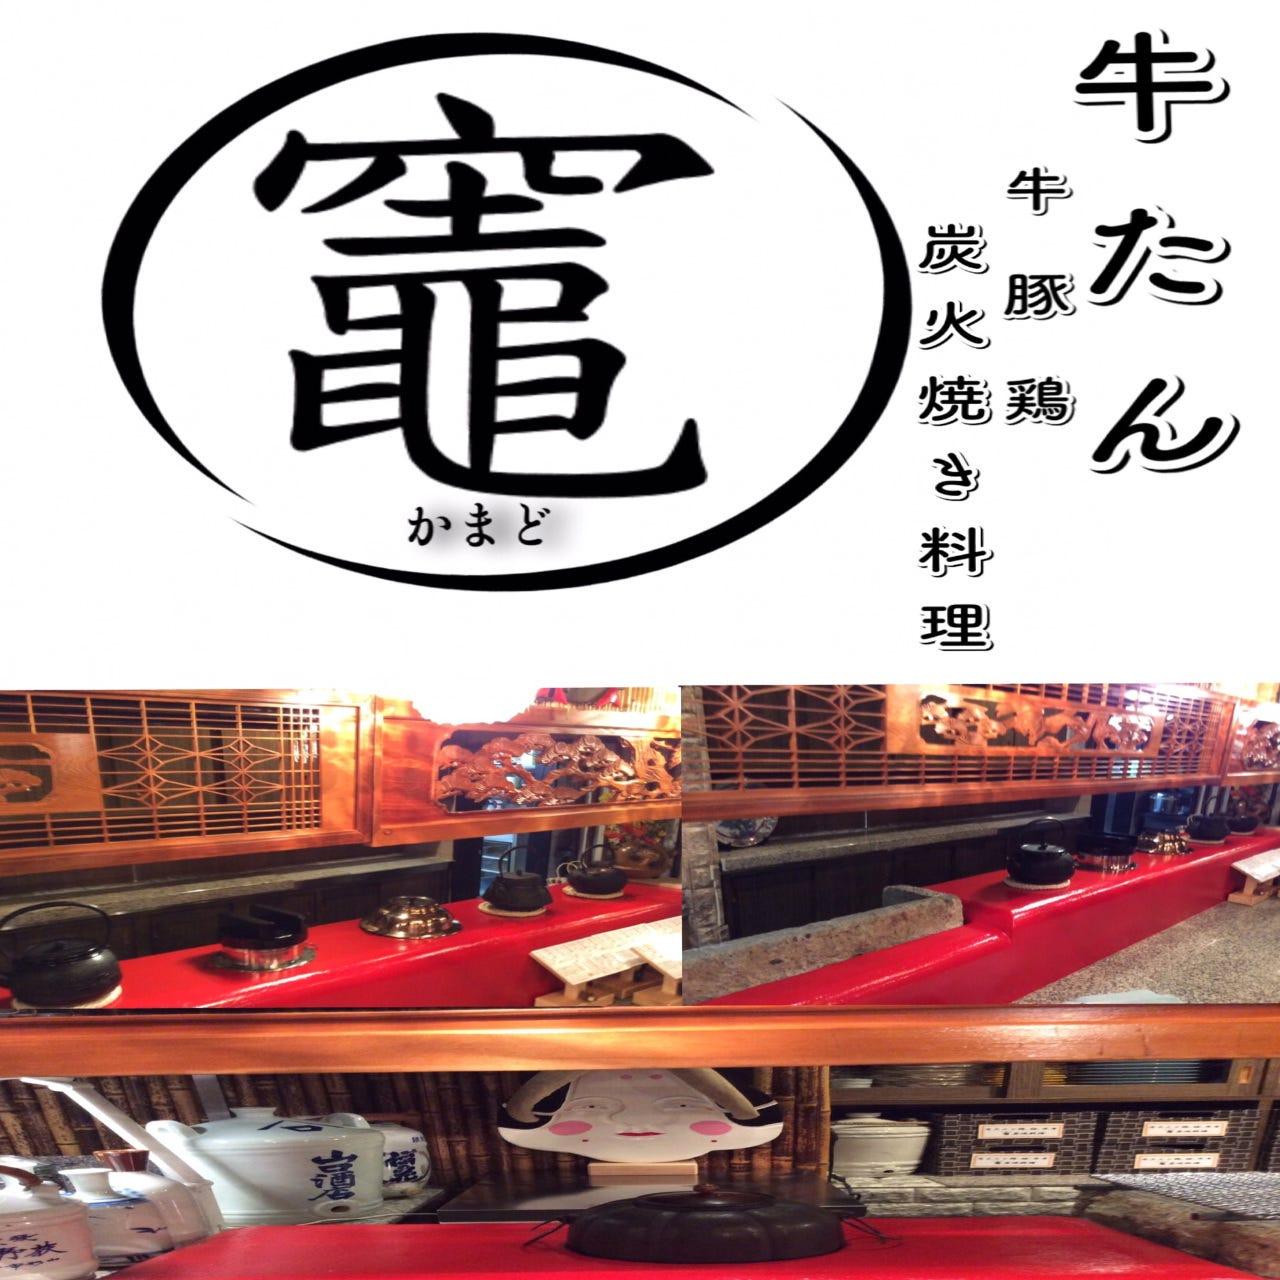 ◆90分[飲放]付!伊達の七福神箱膳コース-セリ鍋、牛タン付7,150円⇒6,600円(税込)